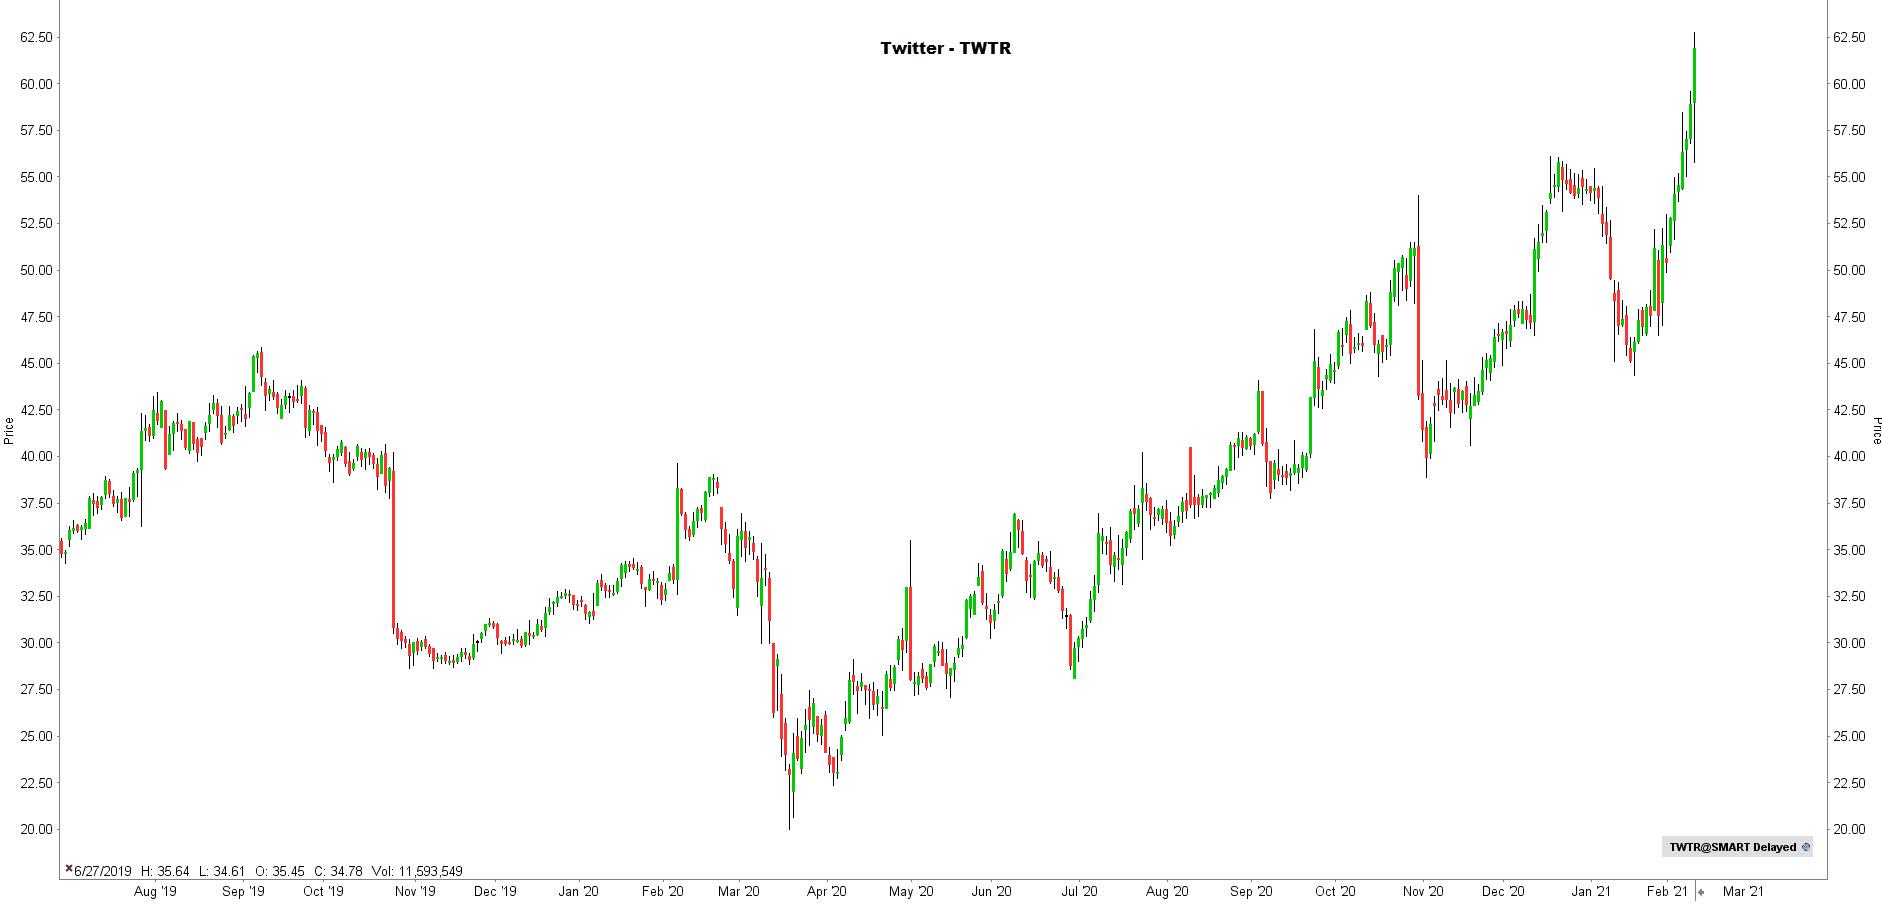 la chronique lynx broker 100221 - graphique twitter